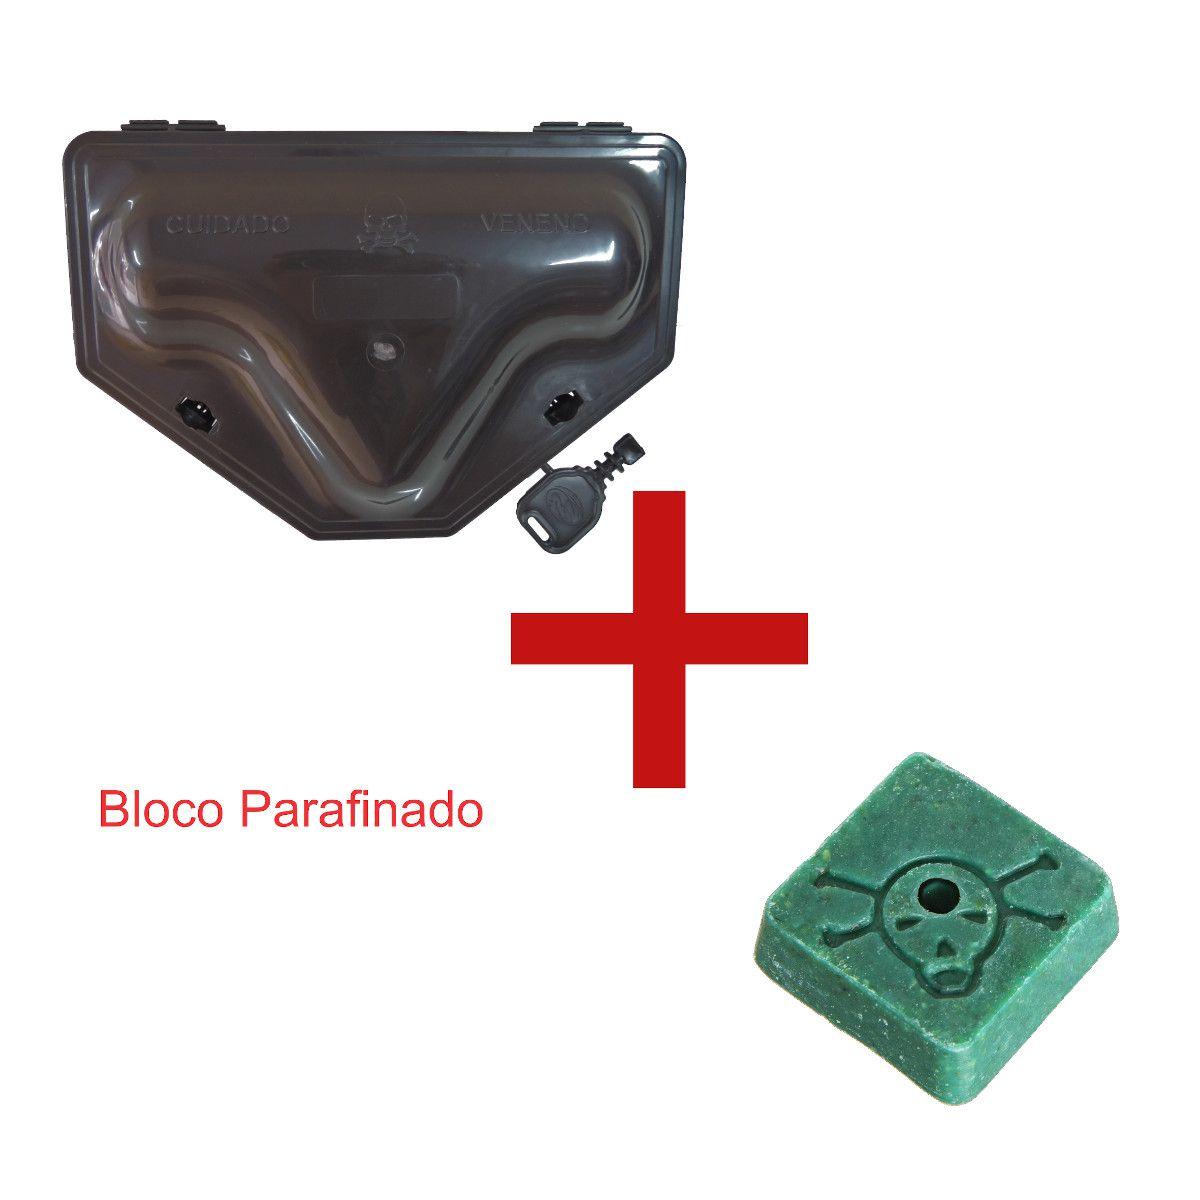 KIT 50 Ratoeira Forte Mata Ratos Porta Iscas 2 TRAVAS Chave